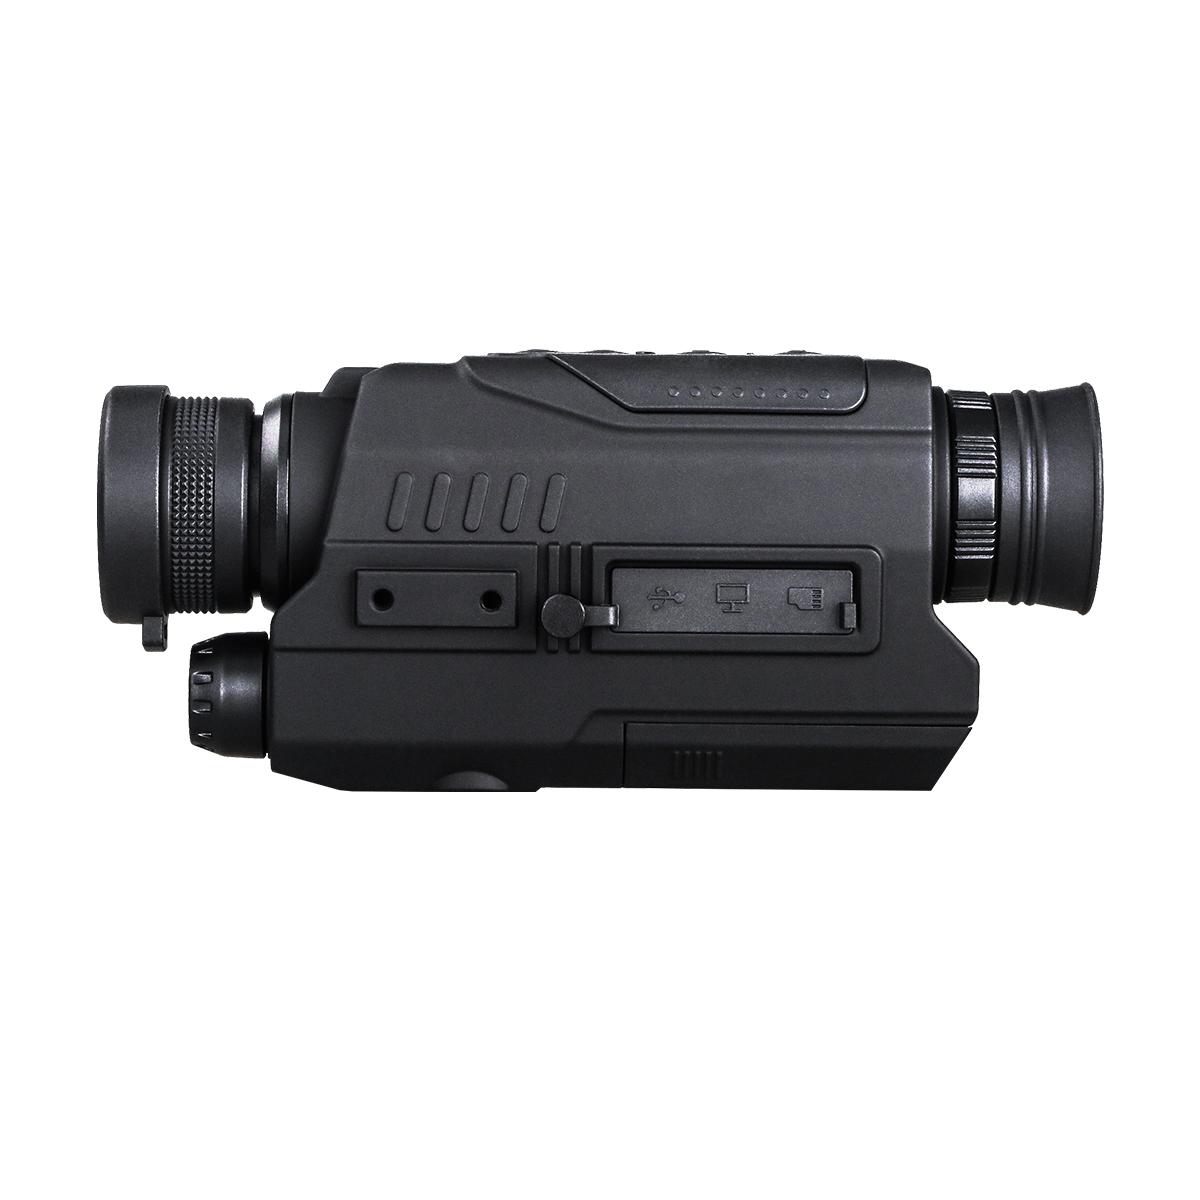 SUNCORE舜光0535数码微光红外夜视仪户外巡逻高倍高清夜视镜